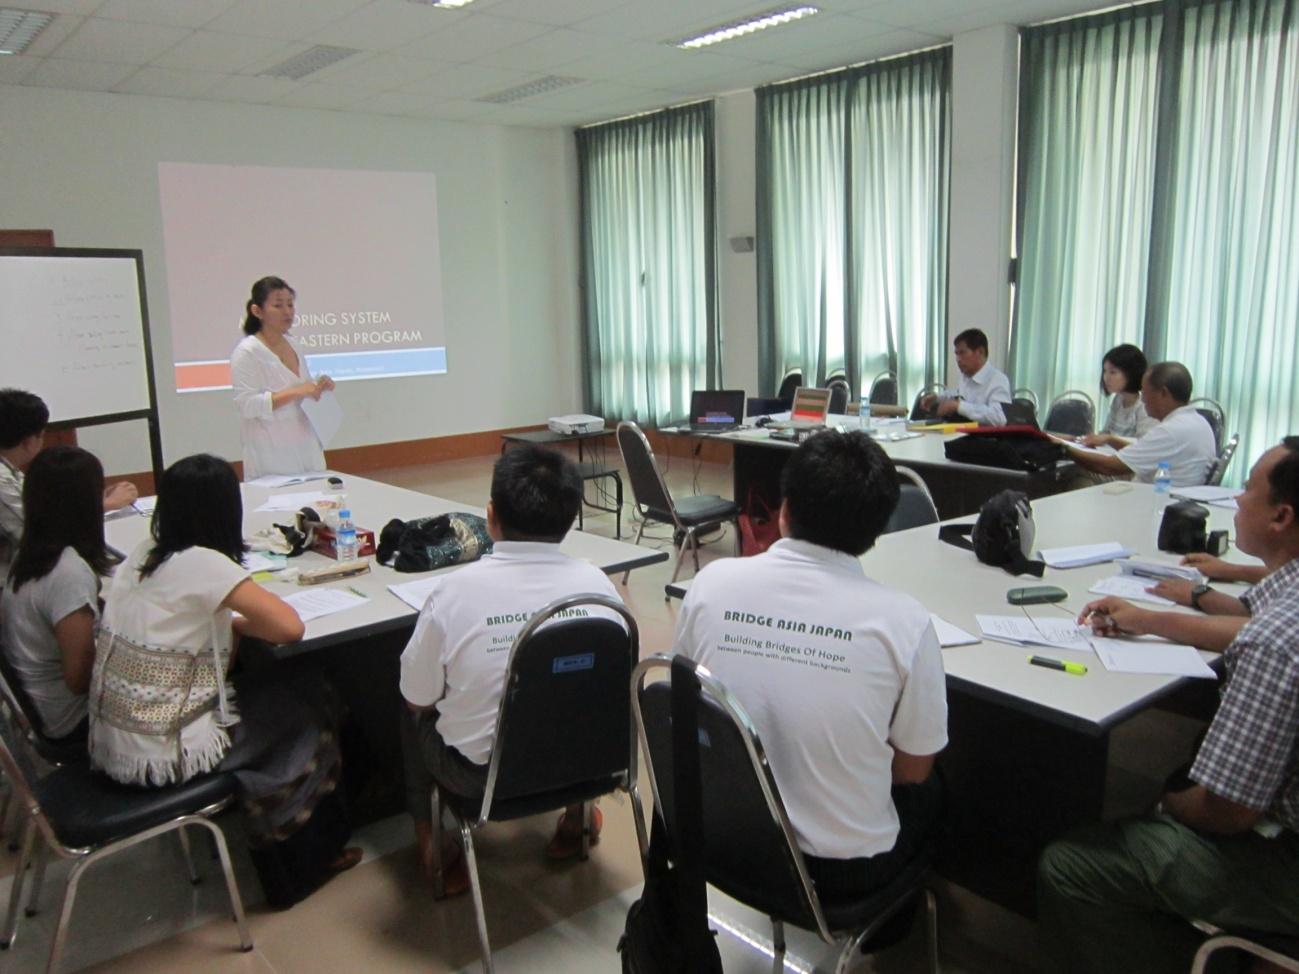 南東国境事業に関するワークショップ1